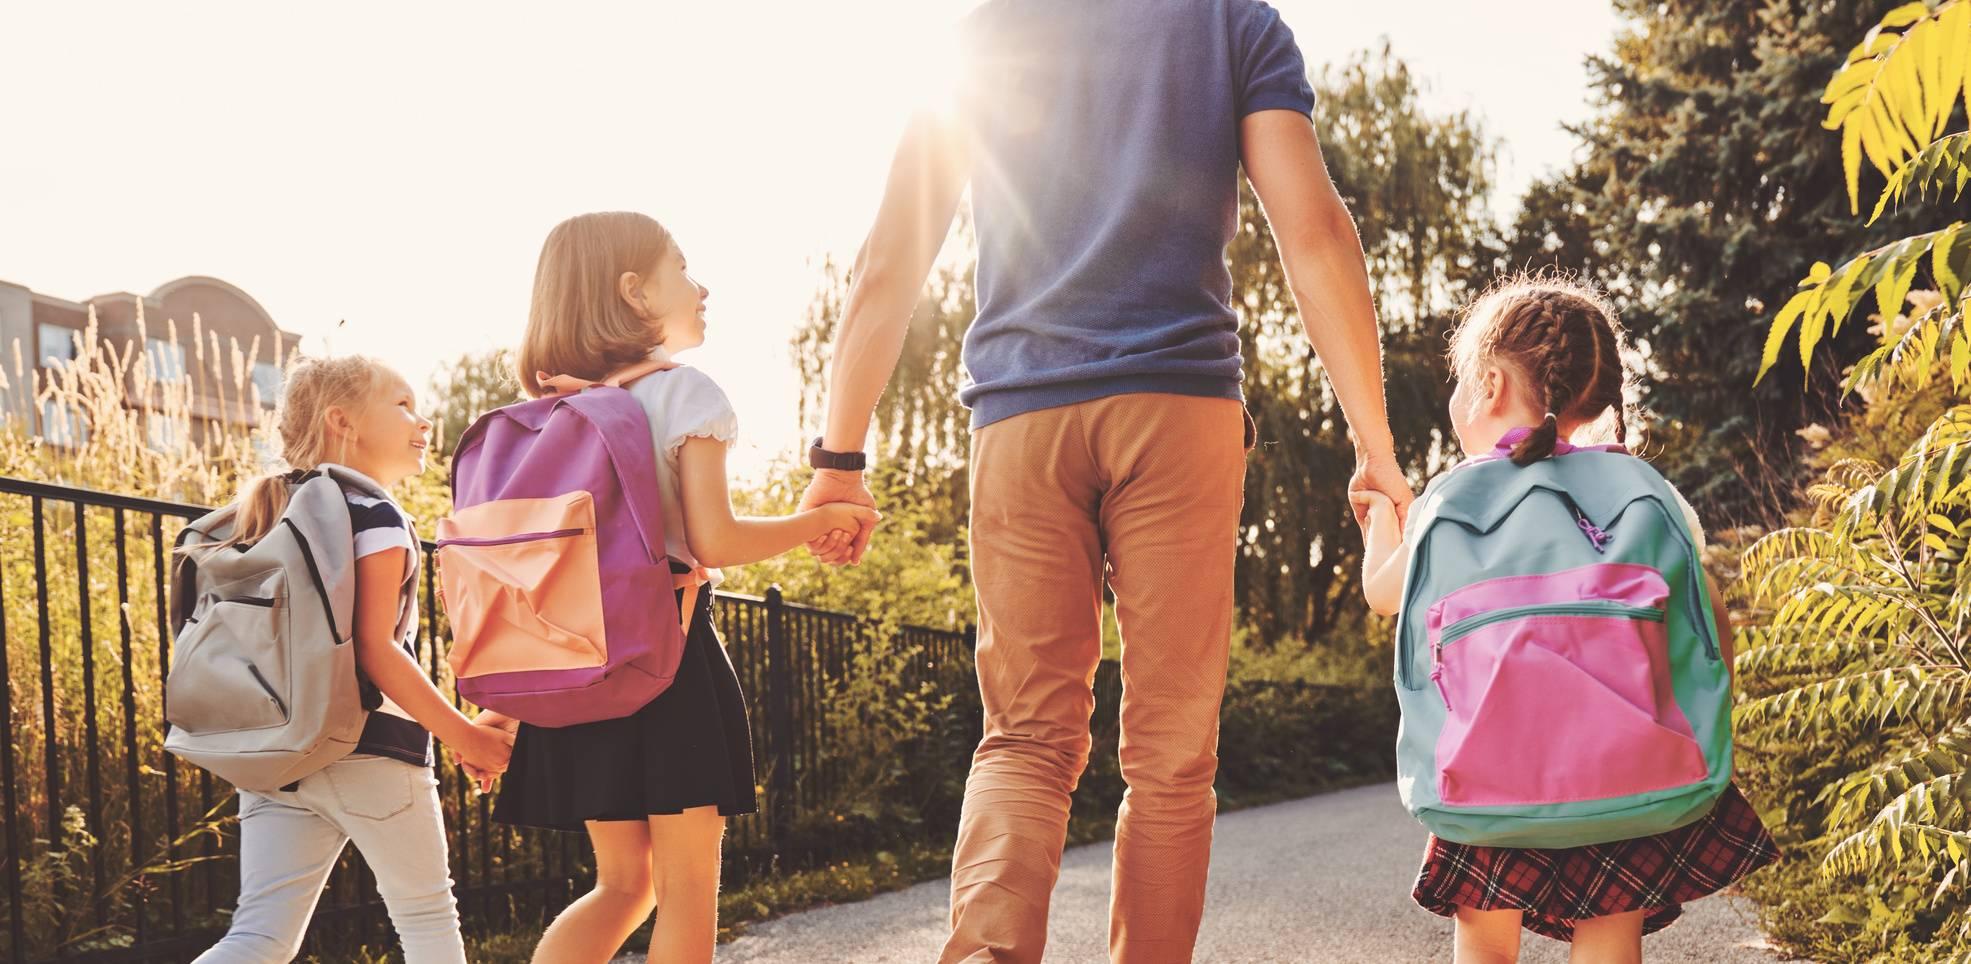 Jak bezpiecznie nosić szkolny plecak?